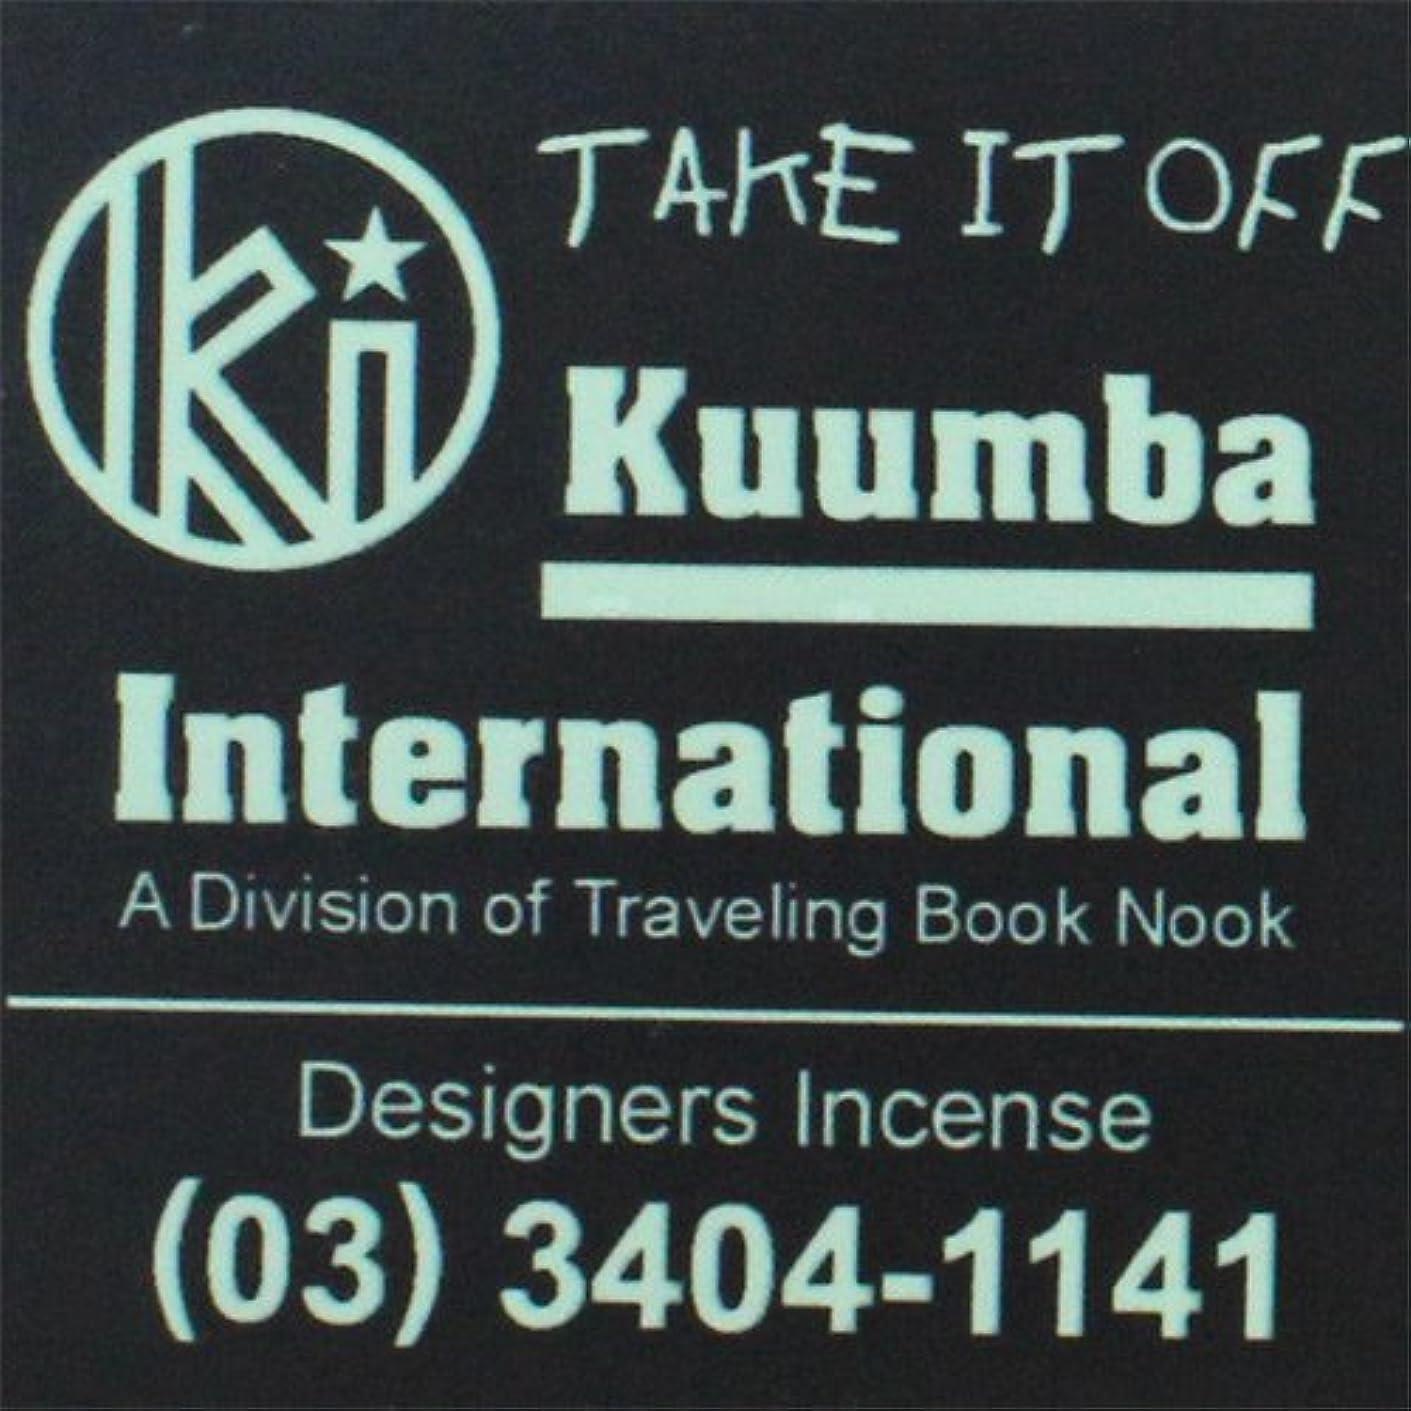 終了する不毛の大工KUUMBA / クンバ『incense』(TAKE IT OFF) (Regular size)